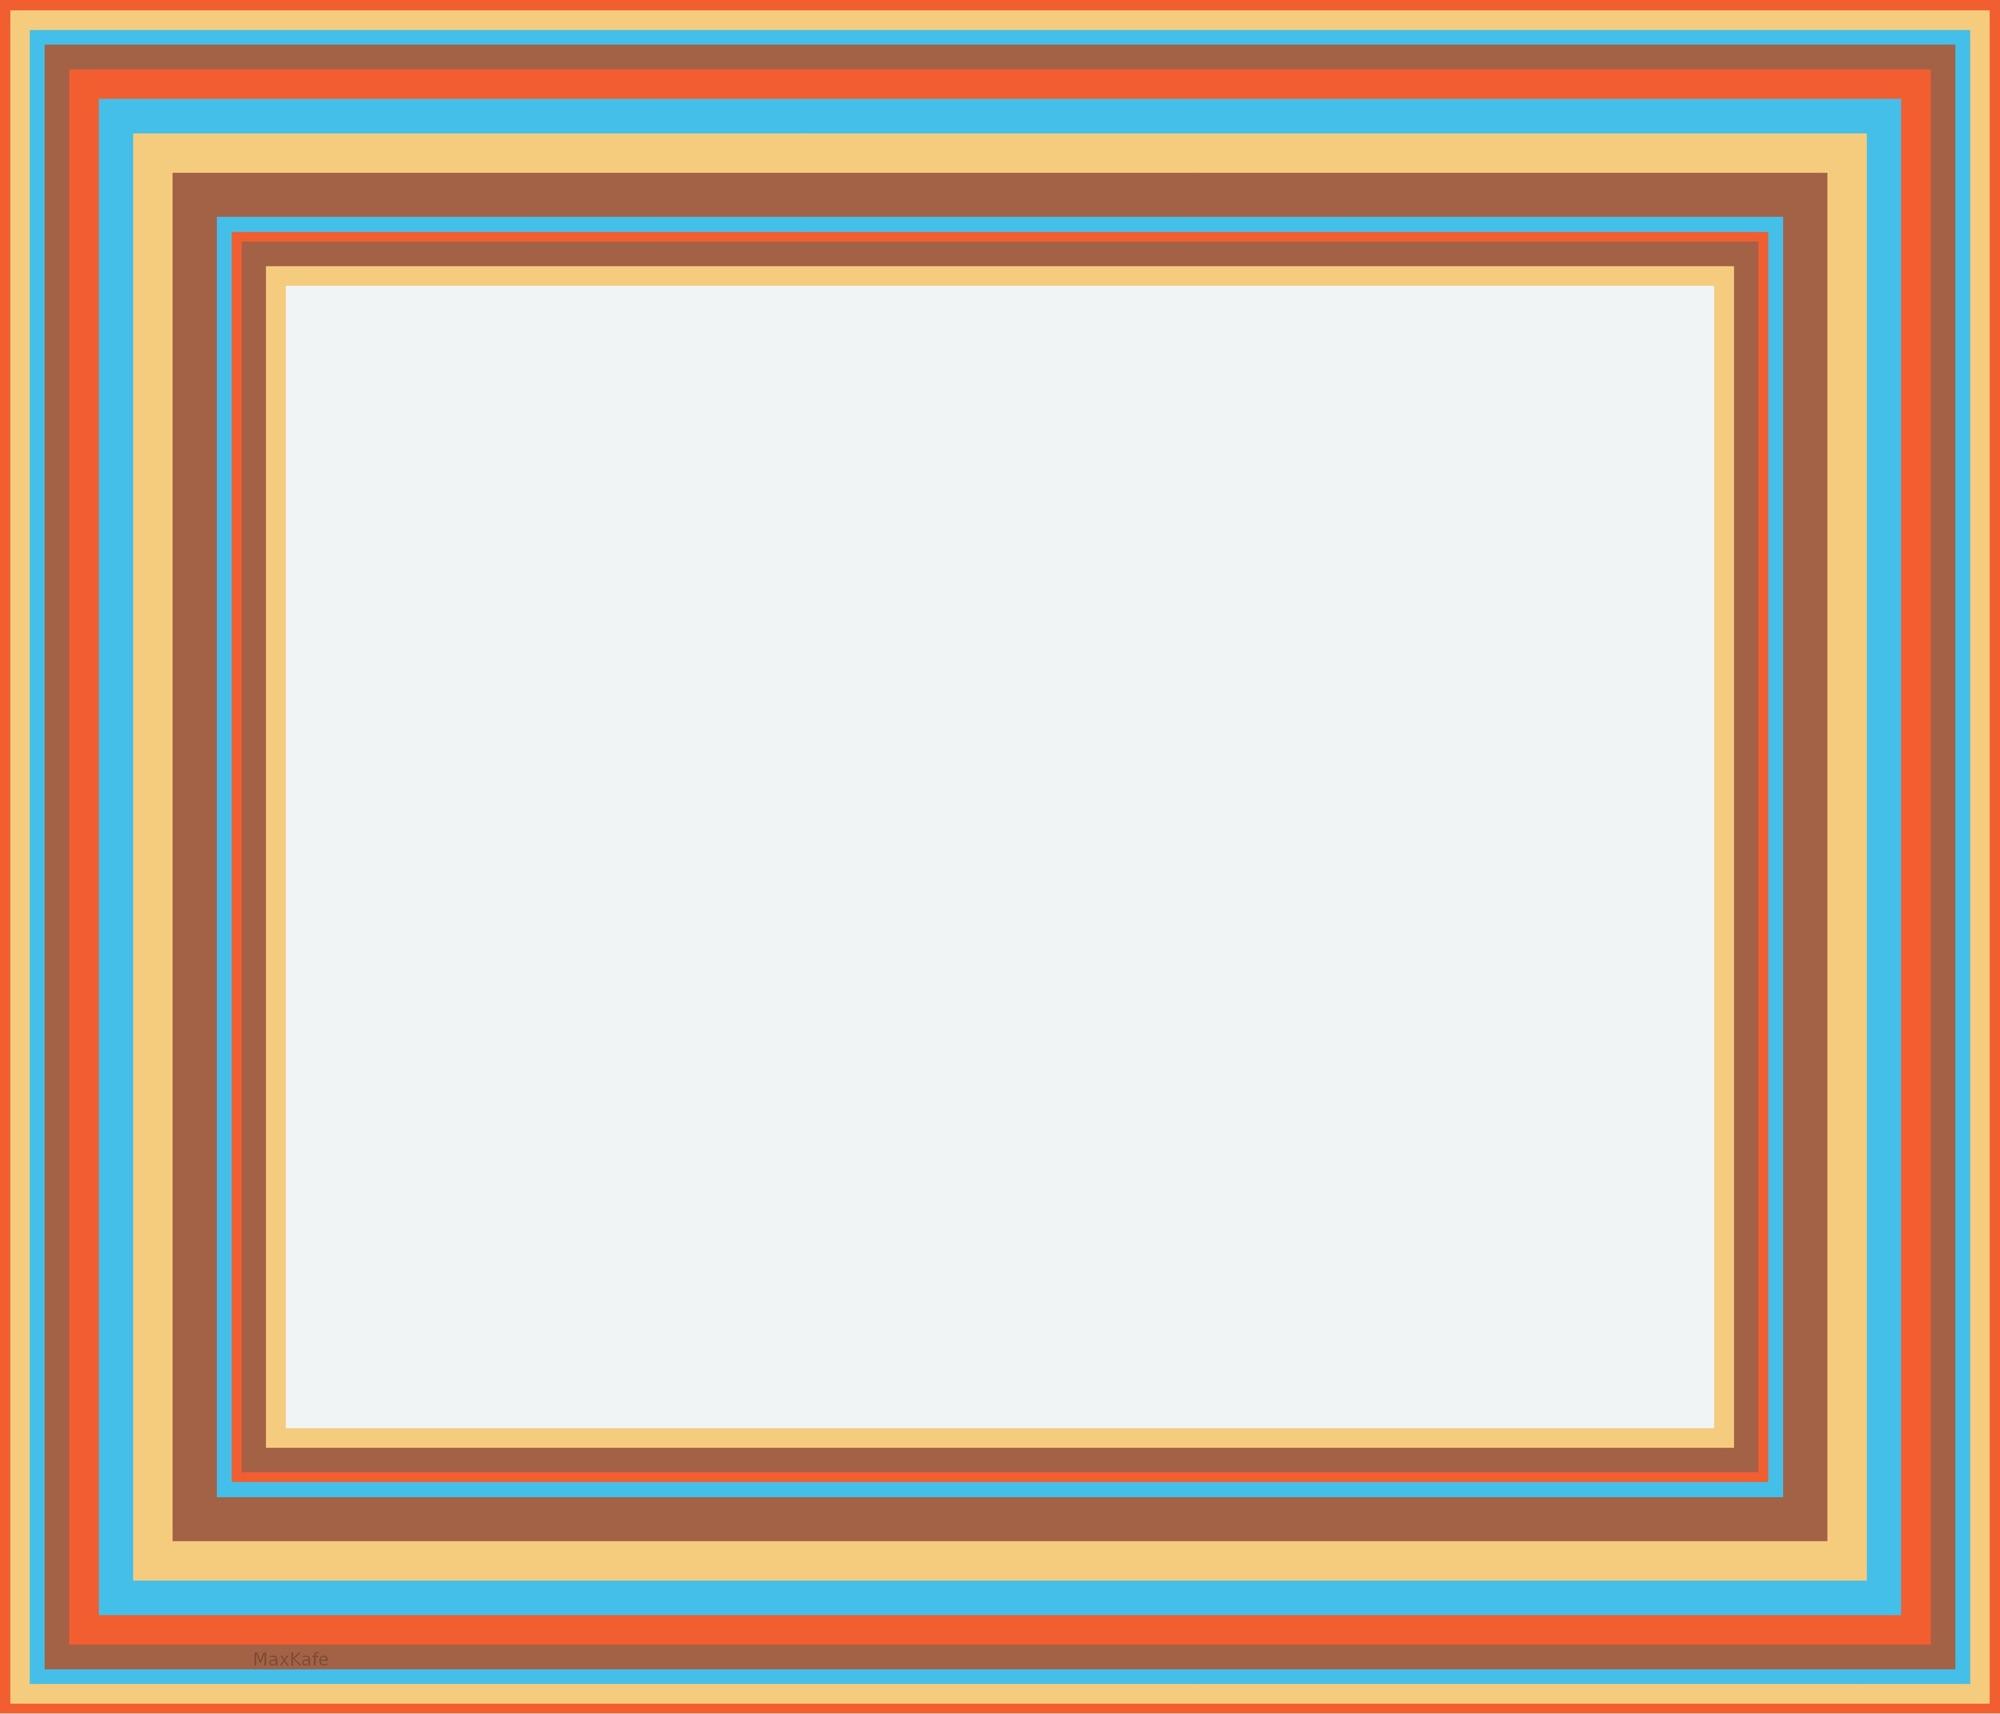 """MK16LFS108 Frame 6x7 Coral Turquoise Beige Brown <a href=""""https://dl.orangedox.com/xxYFMV"""">[DOWNLOAD]</a>"""